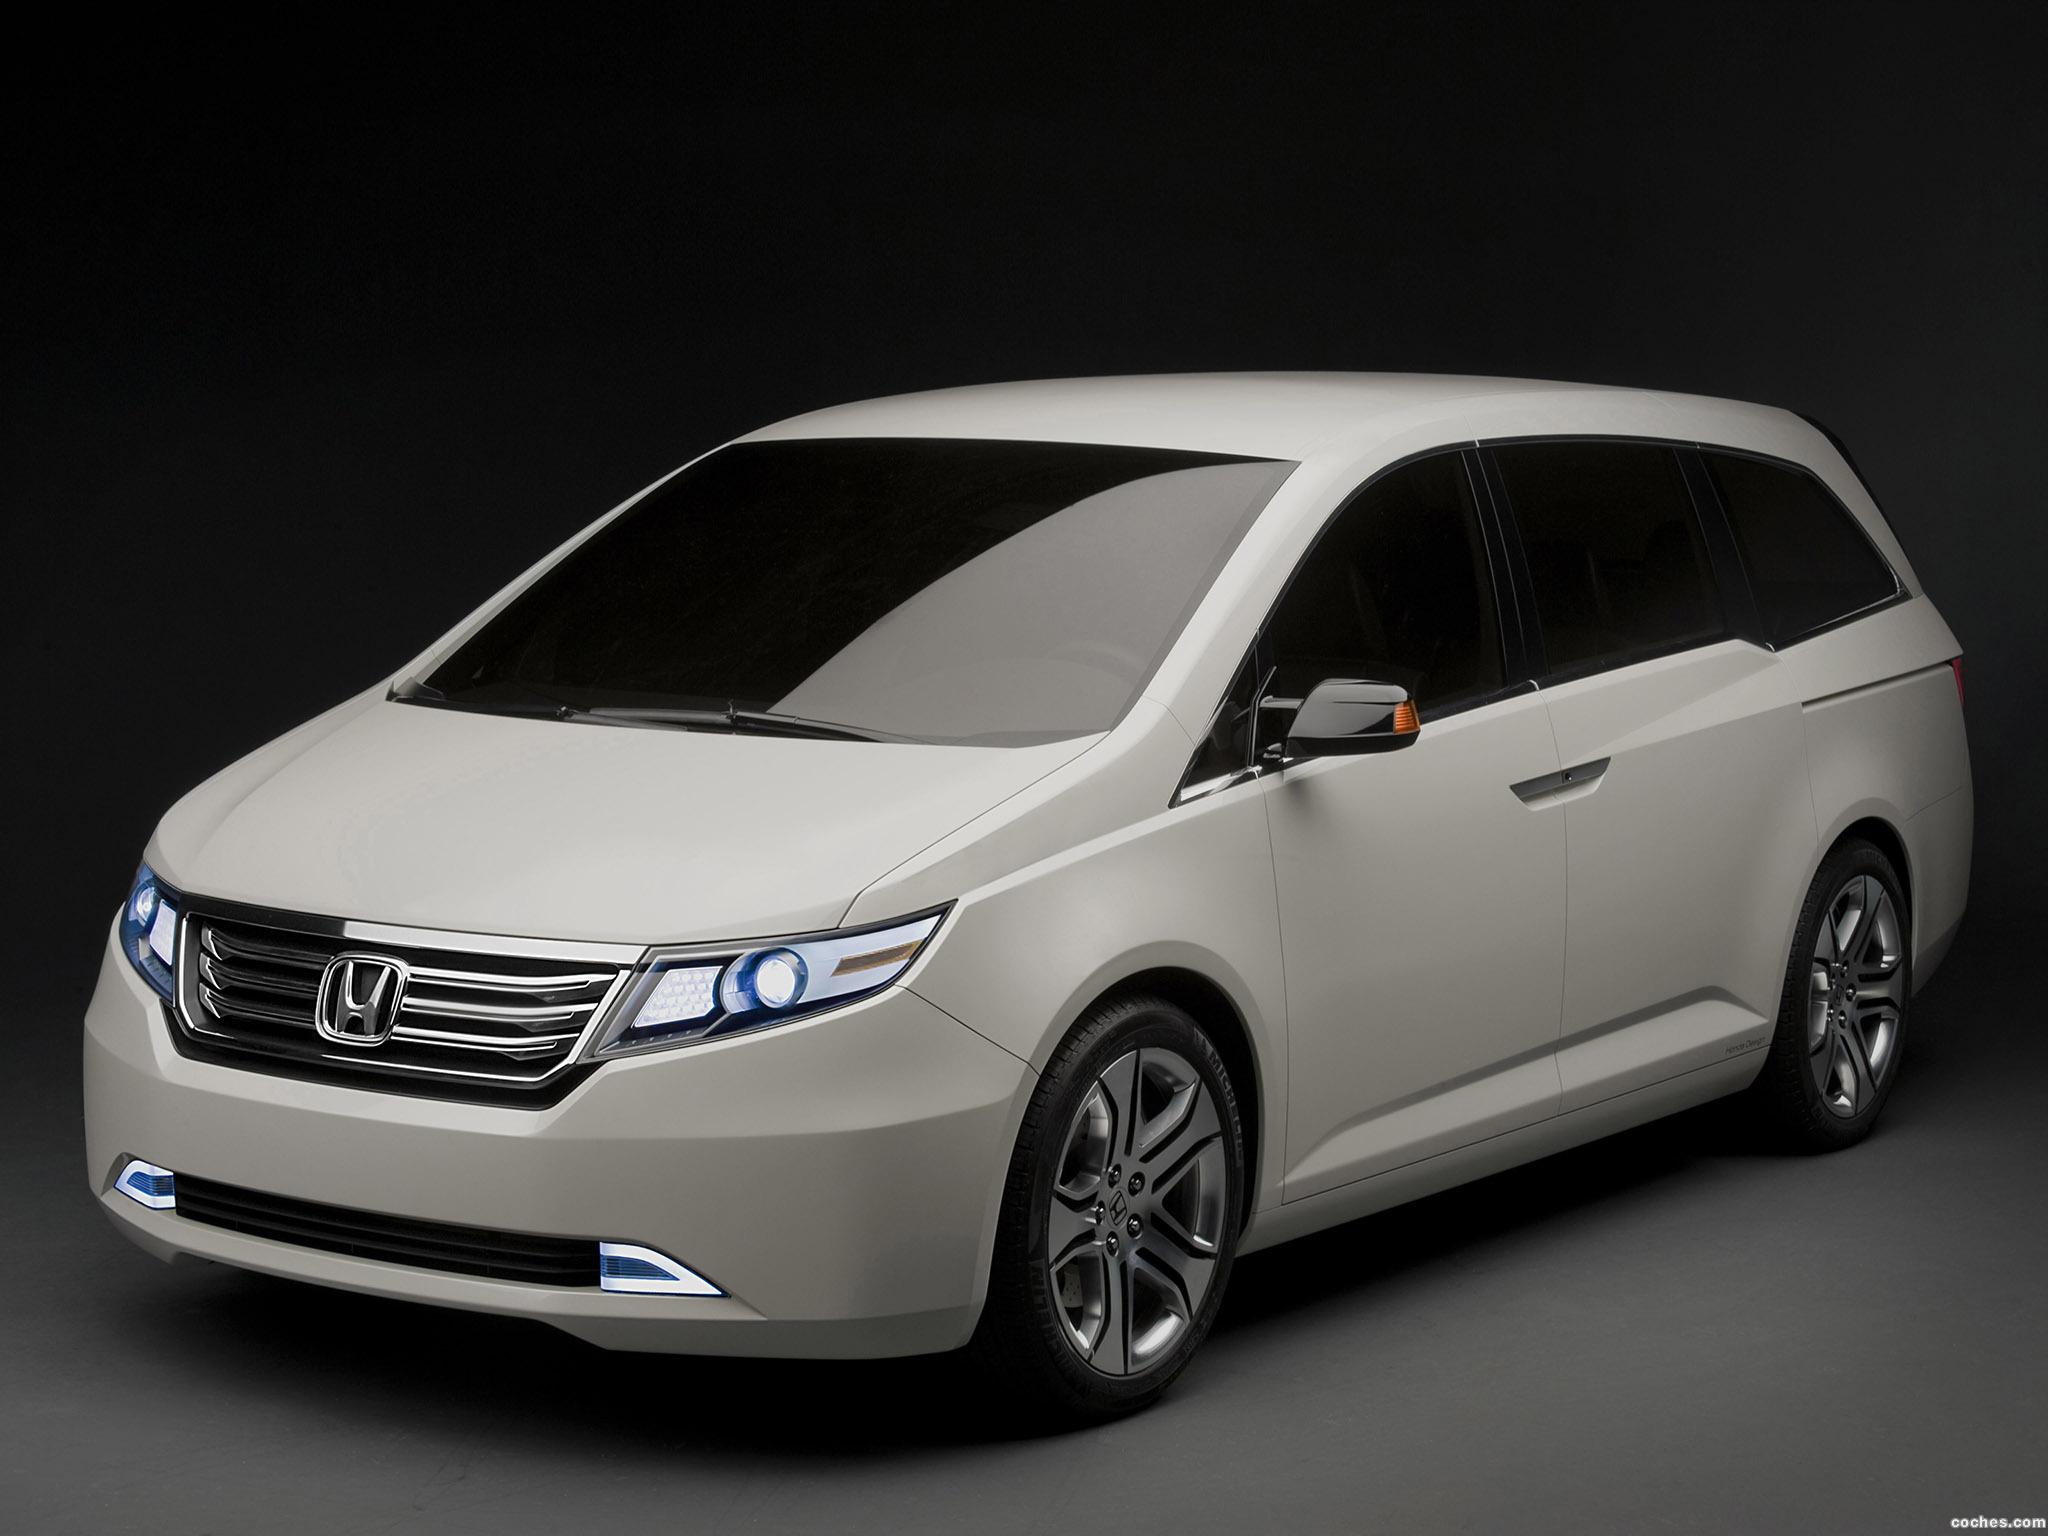 Foto 14 de Honda Odyssey Concept 2010